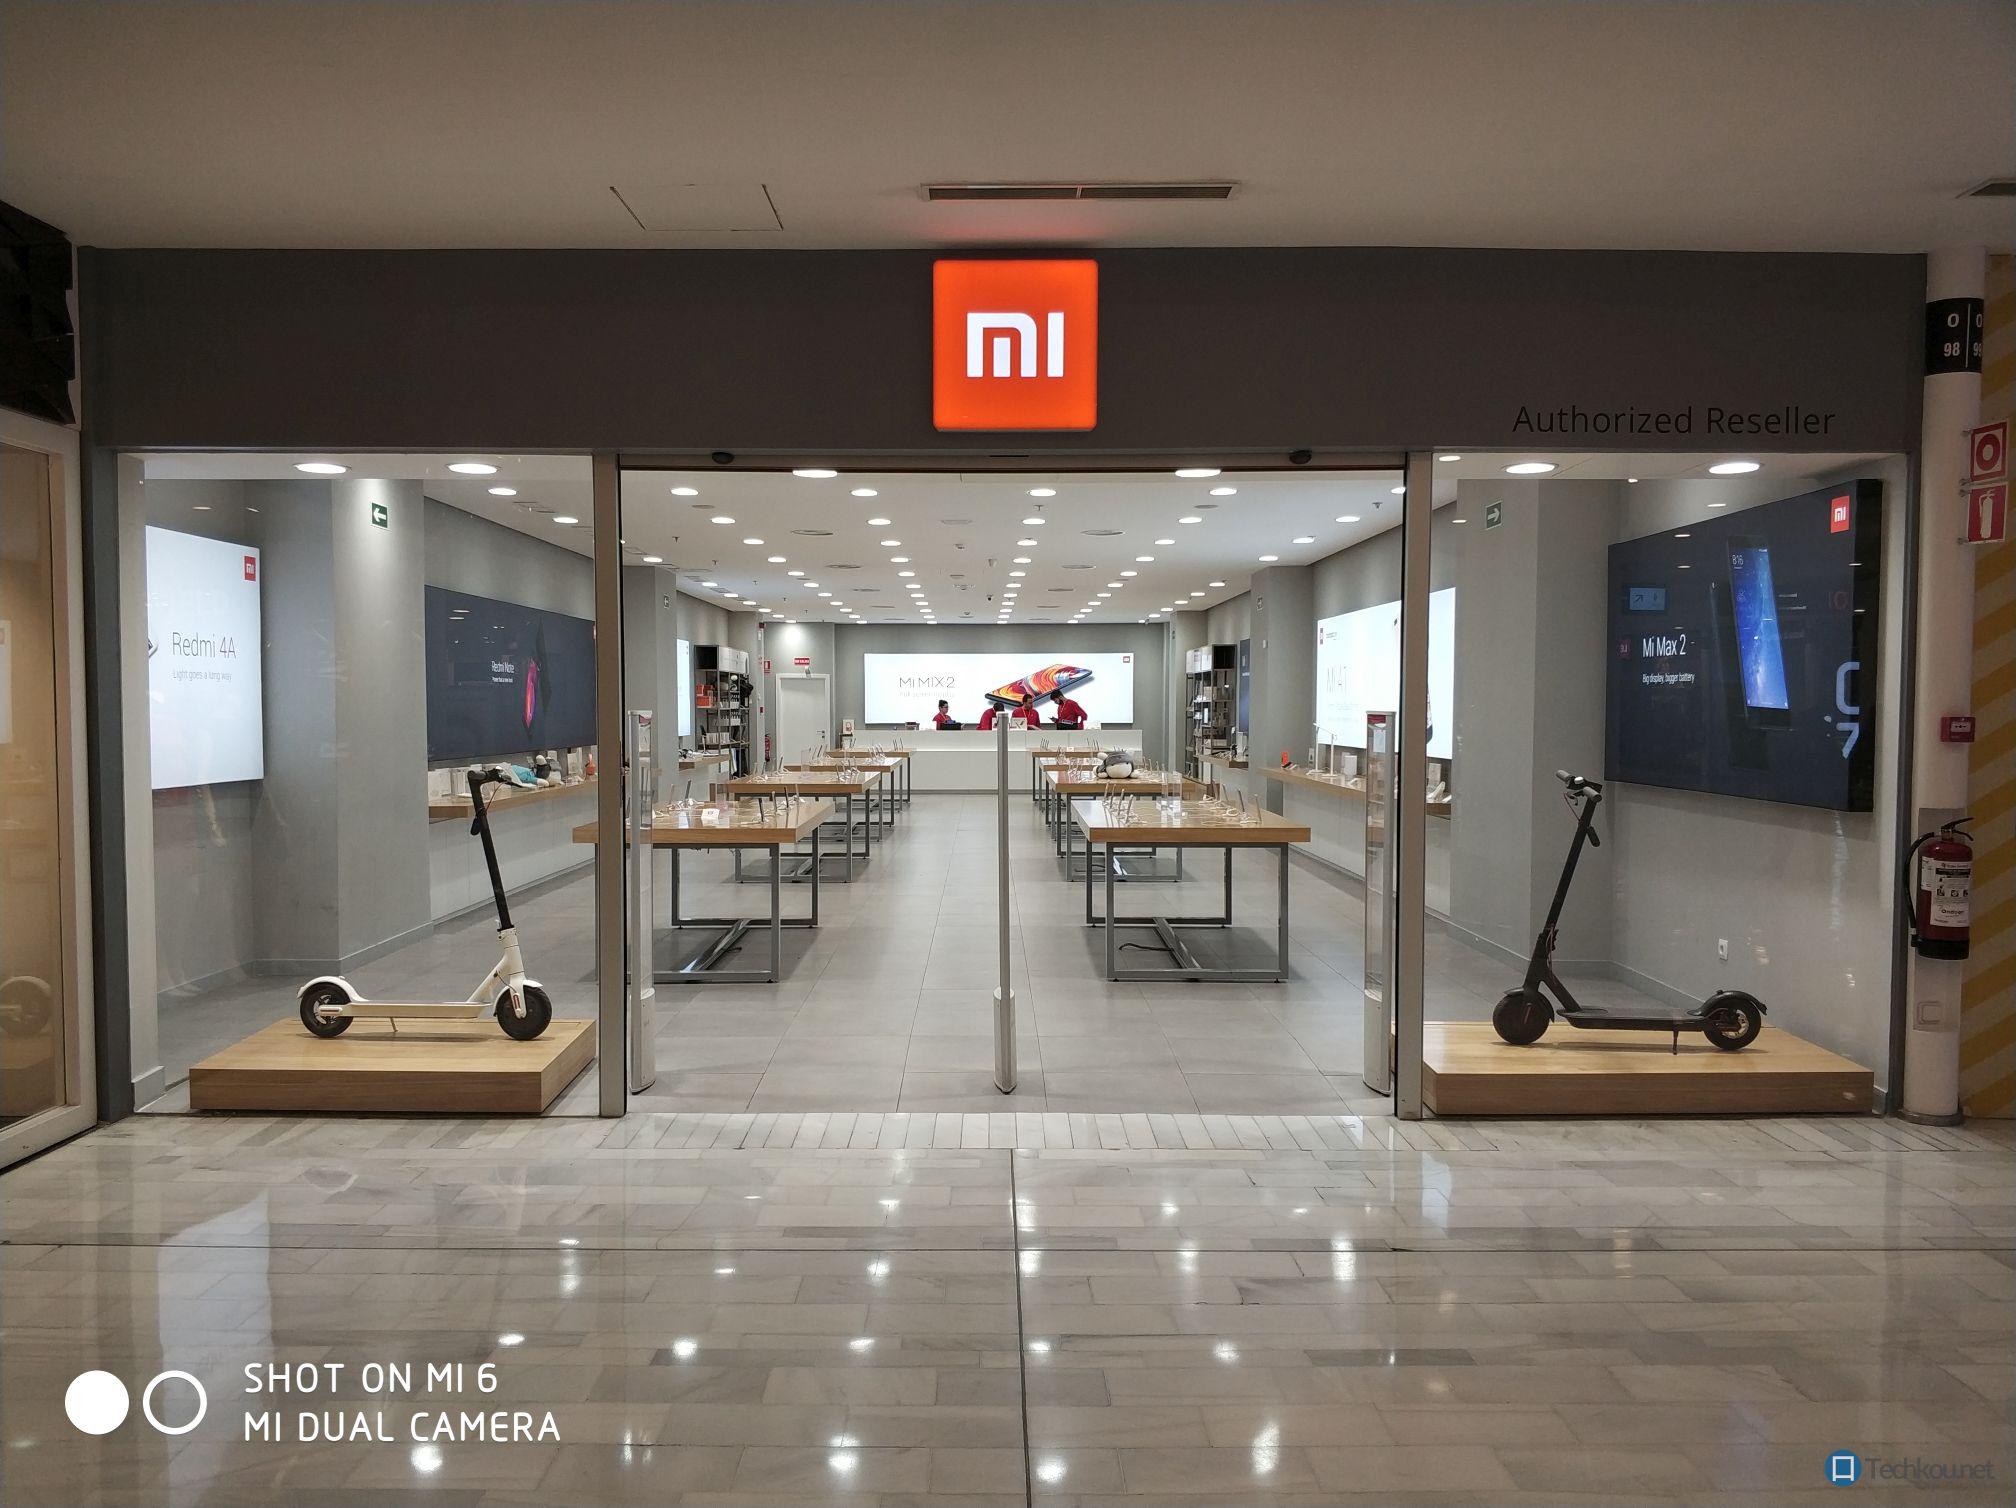 xiaomi shop in madrid eingang mit logo